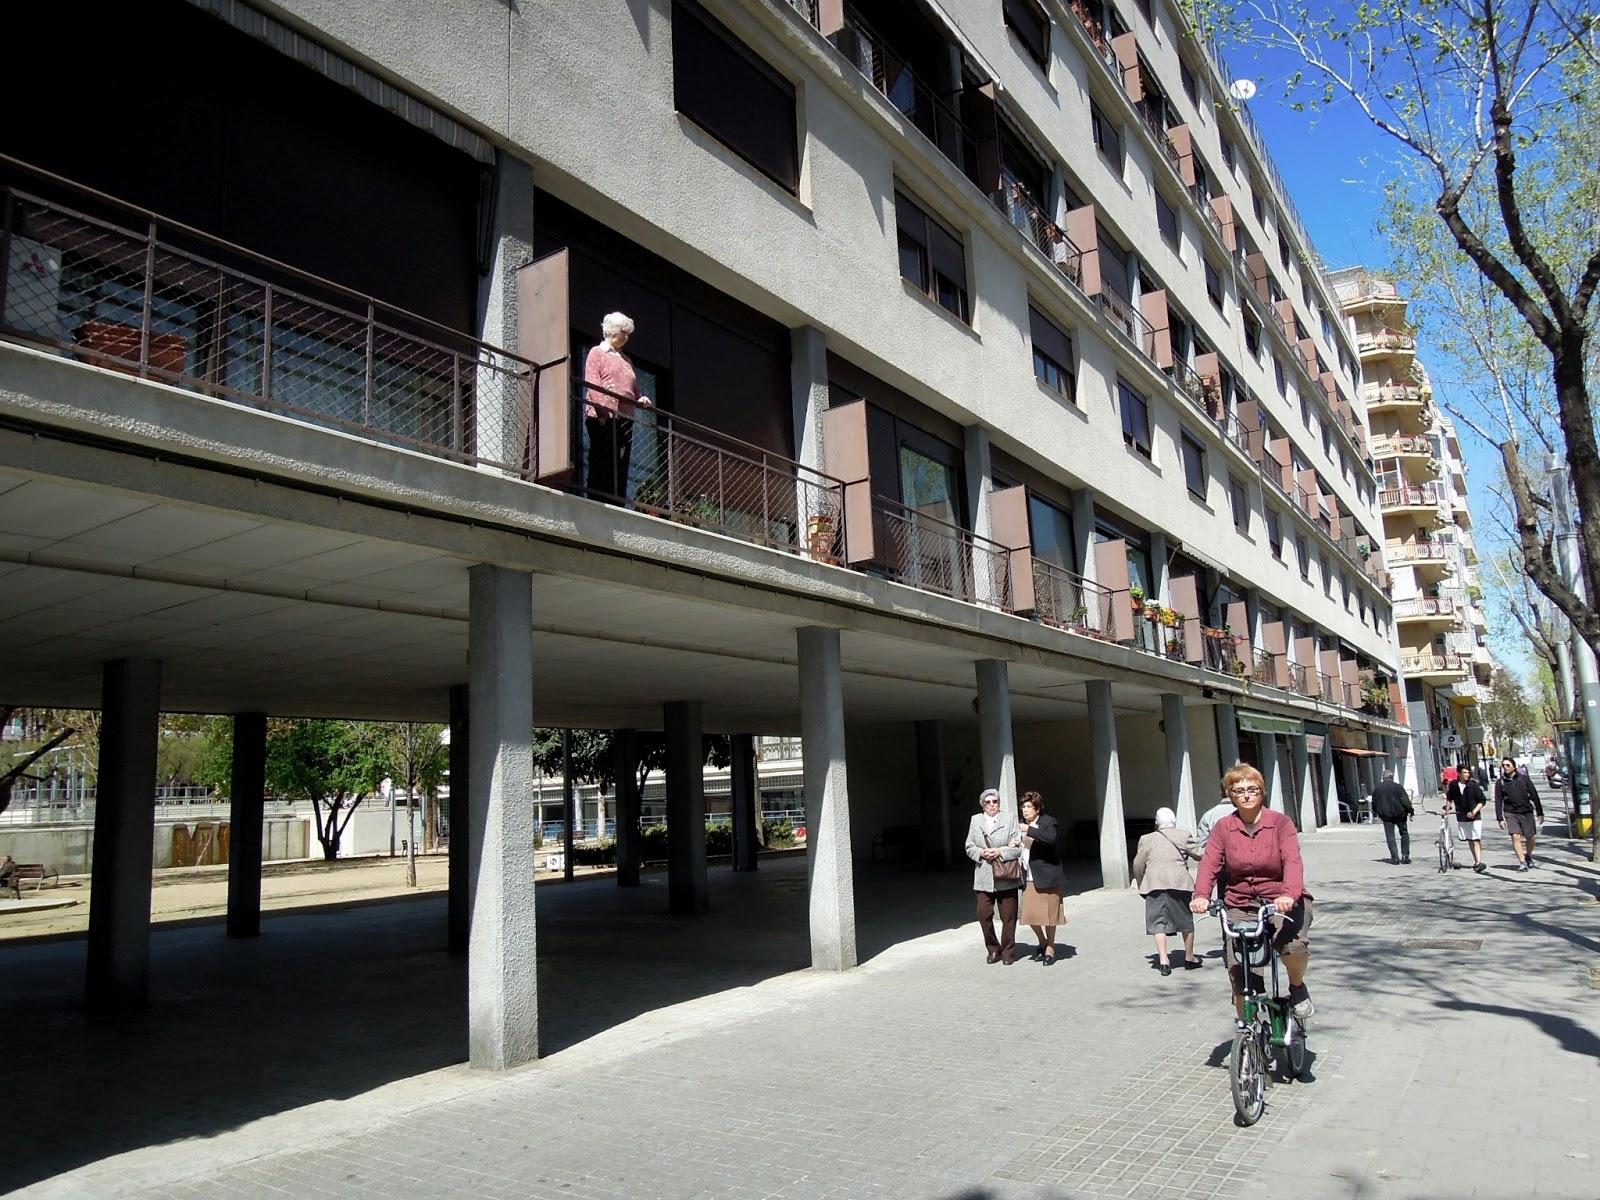 Tourmalet pels barris del nord miradors de barcelona - Casa bloc sant andreu ...